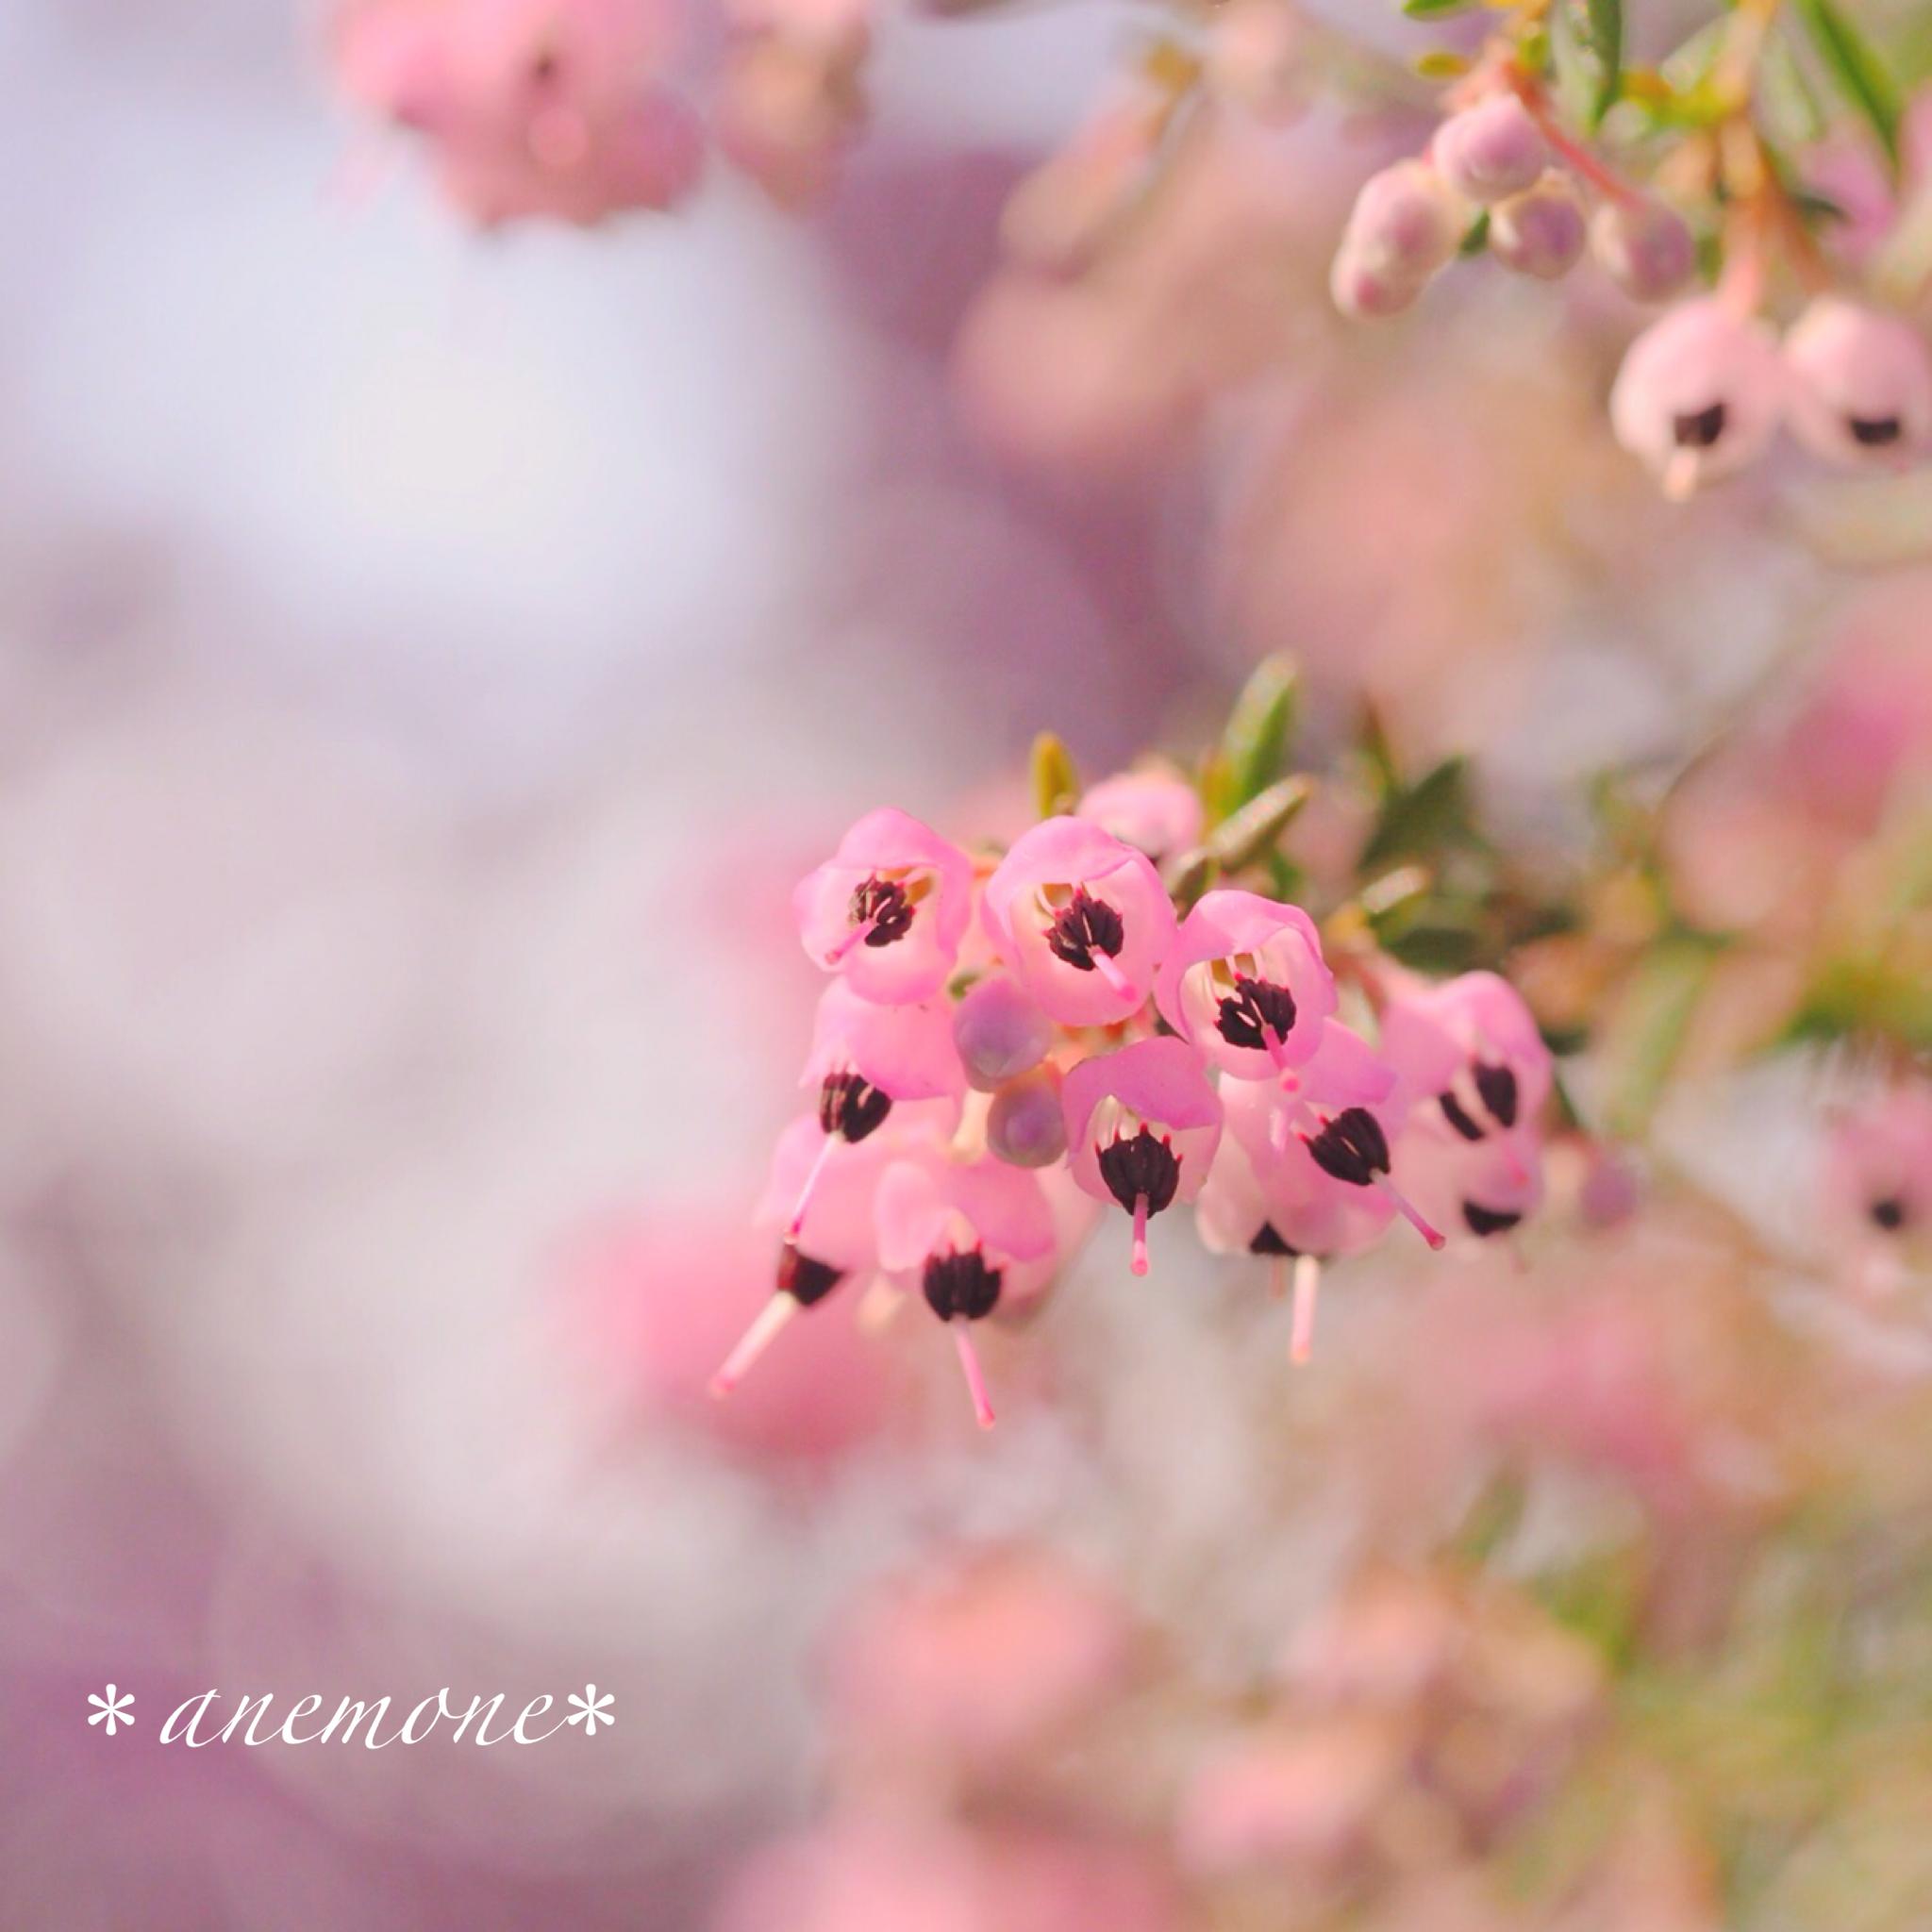 ジャノメエリカ Channelledheath Heath Flower Flowers Tea Pots Stud Earrings